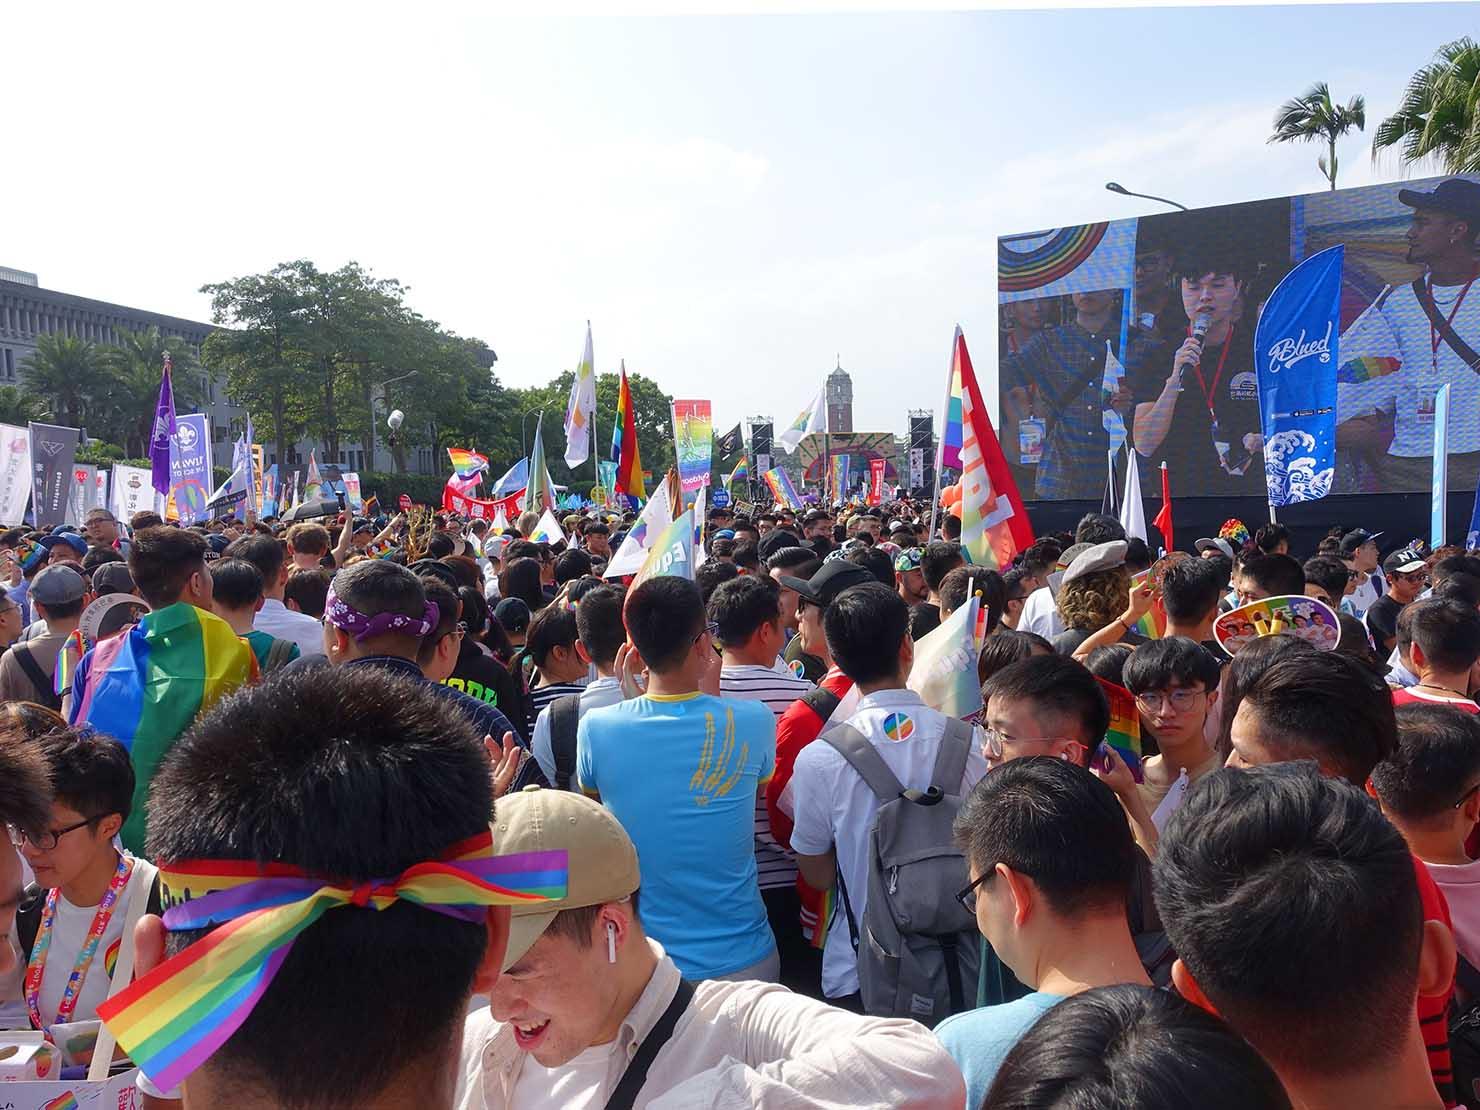 台灣同志遊行(台湾LGBTプライド)2018の会場となった總統府前・凱達格蘭大道